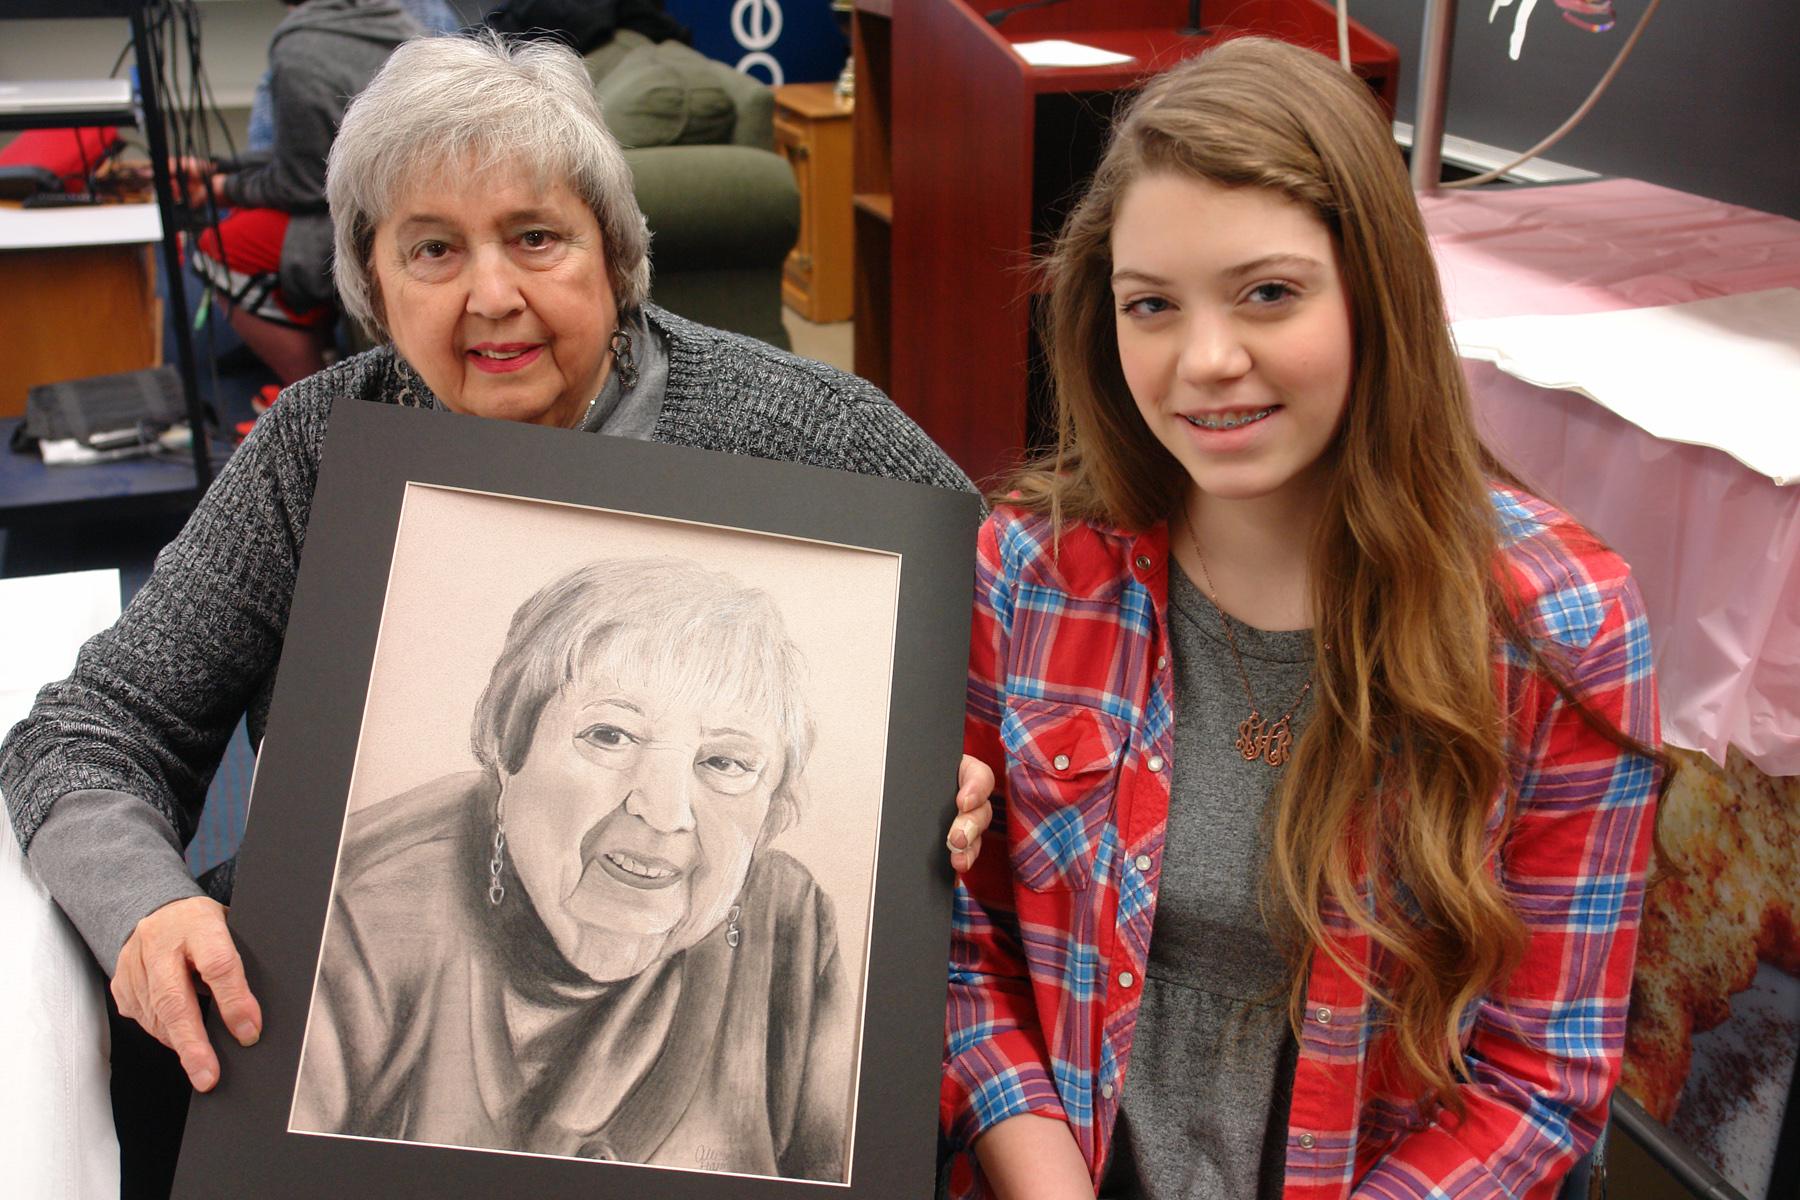 Alden Art Students Portrait Project